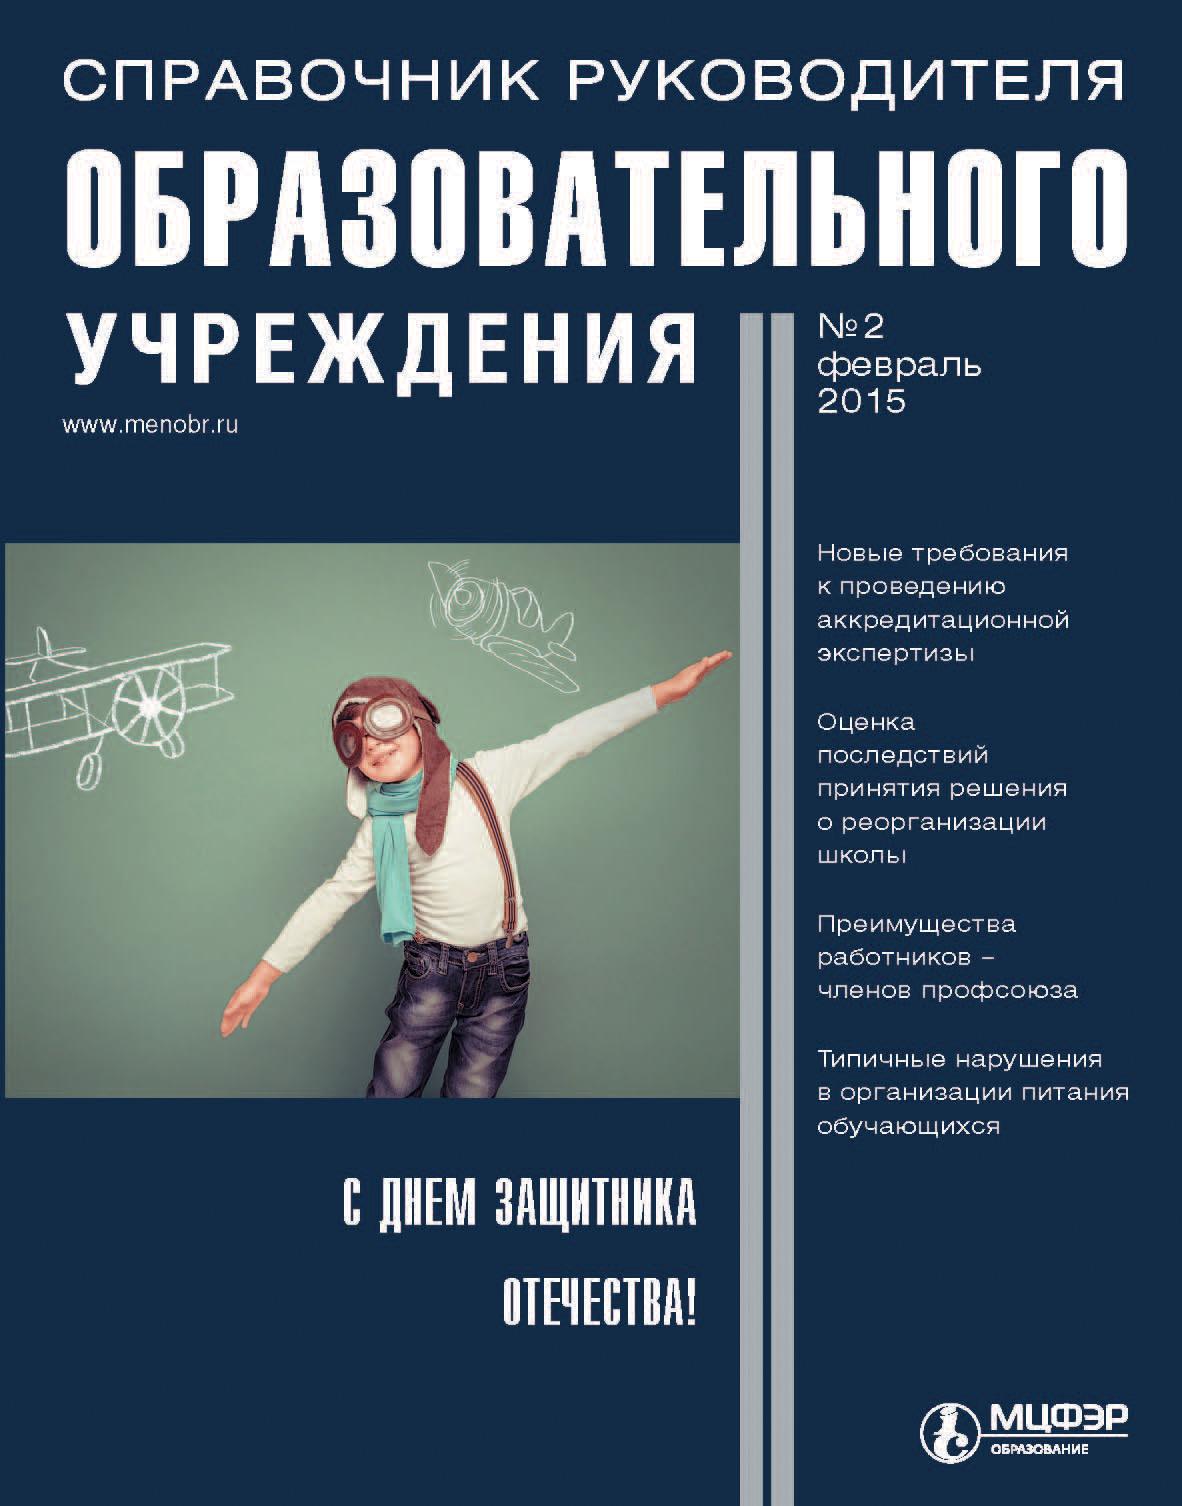 Отсутствует Справочник руководителя образовательного учреждения № 2 2015